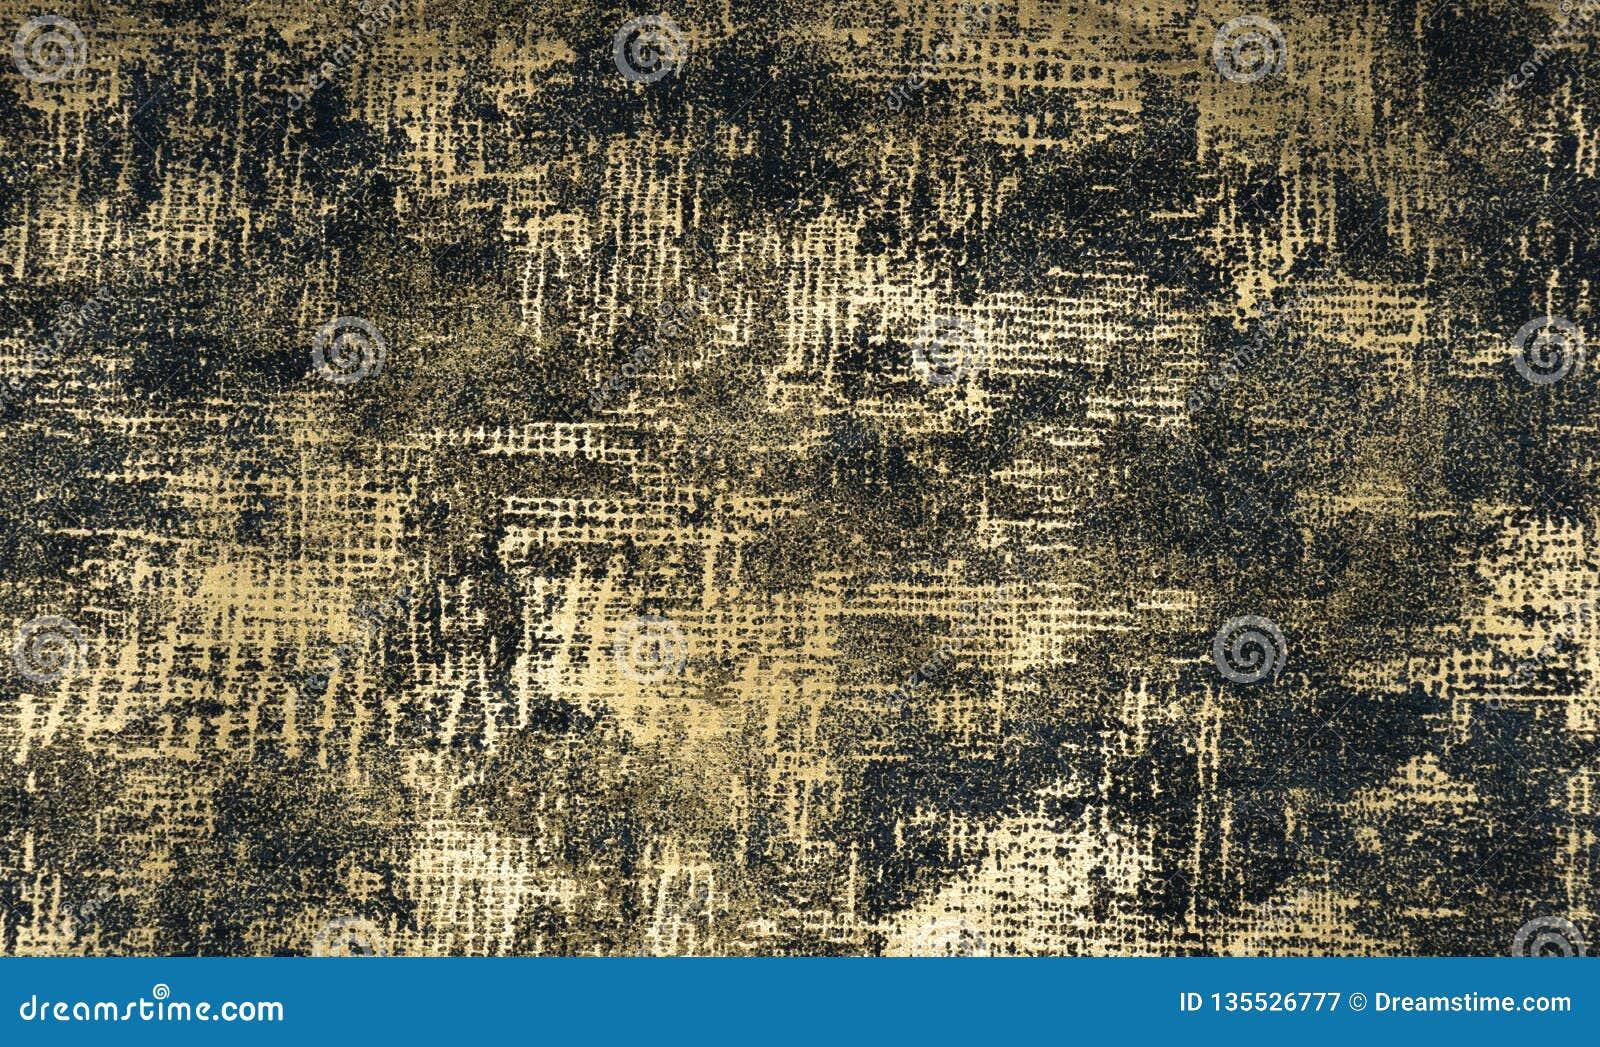 Behang Met Patroon : Het patroon van het behang stock afbeelding. afbeelding bestaande